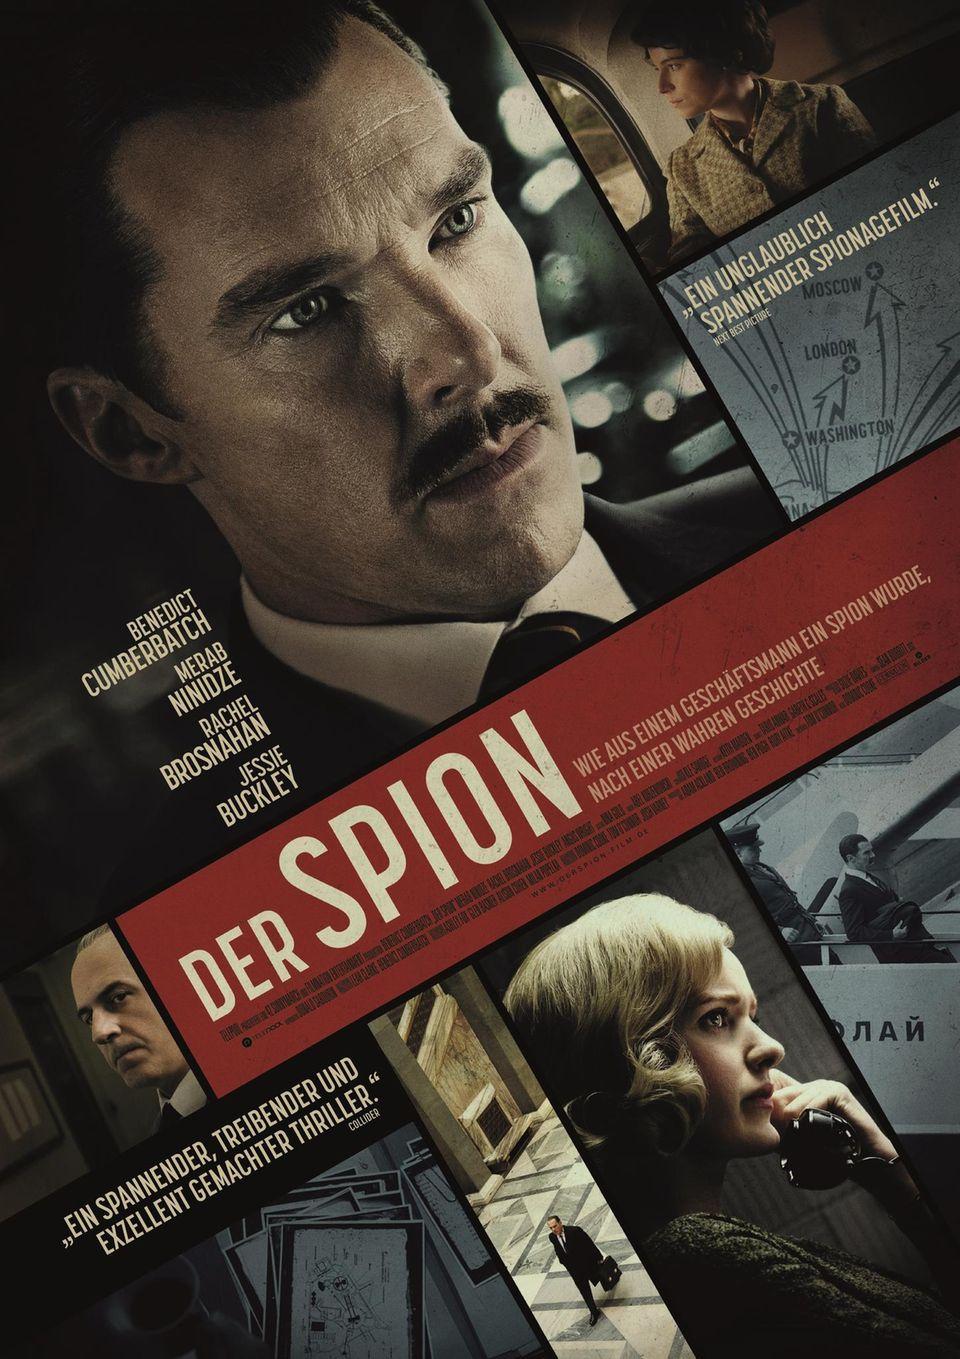 """Plakat zum Film """"Der Spion"""" (Originaltitel """"The Courier""""), der am 1. Juli 2021 in den deutschen Kinos anläuft"""